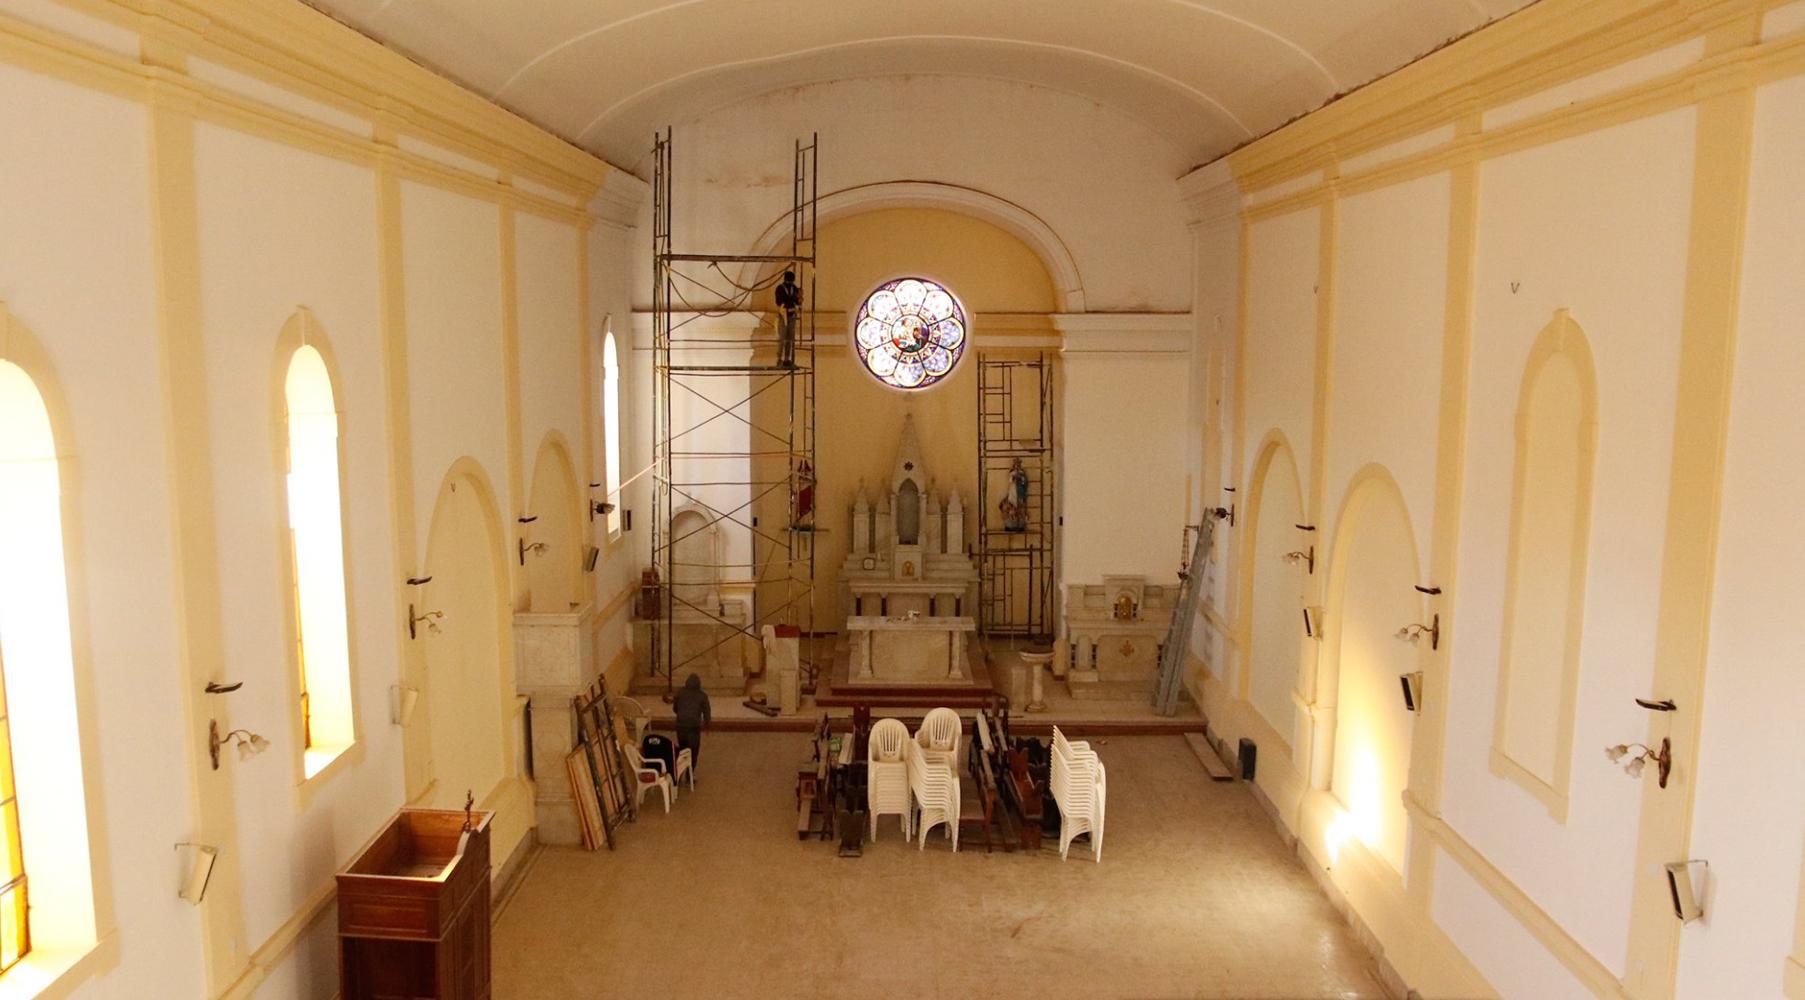 Parts in the San José parish • Diario Democracia